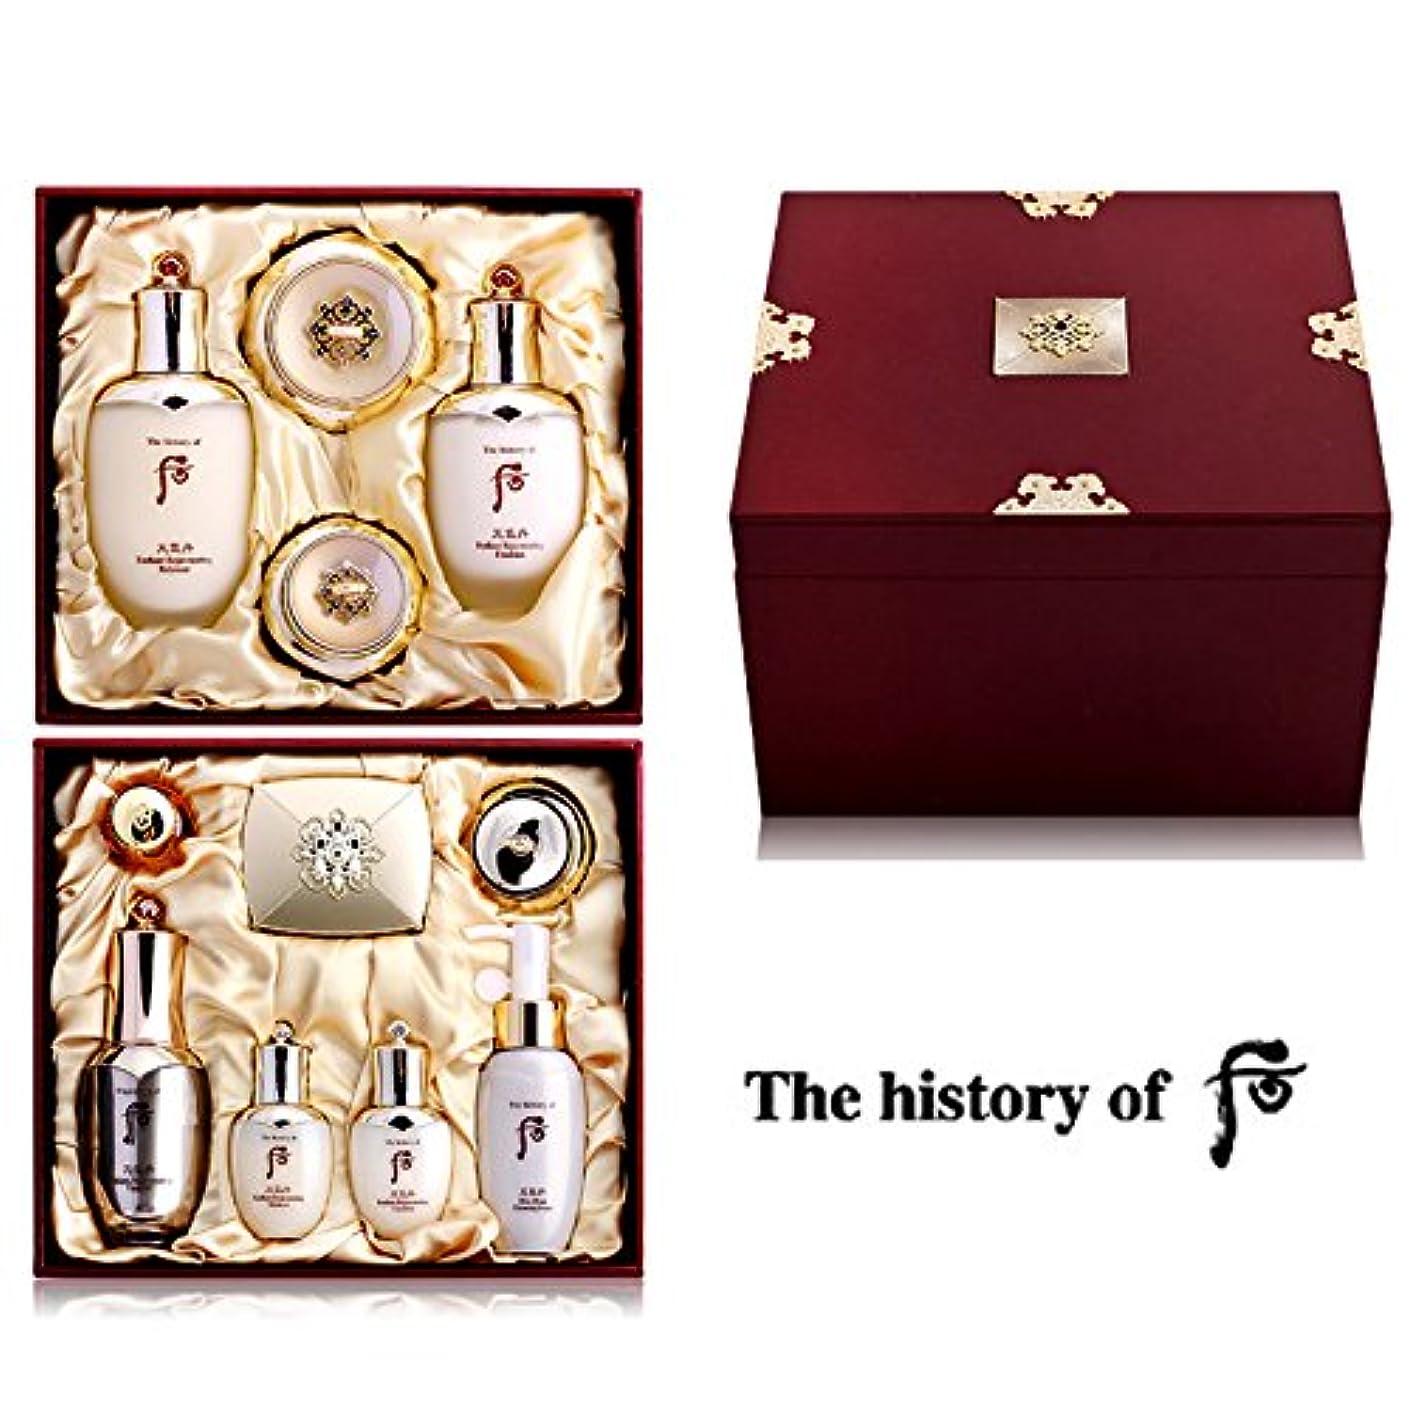 苛性家畜法的【フー/The history of whoo] 天気丹 王侯(チョンギダン ワンフ) セット/Chonghi Dan Queen Special Set+[Sample Gift](海外直送品)